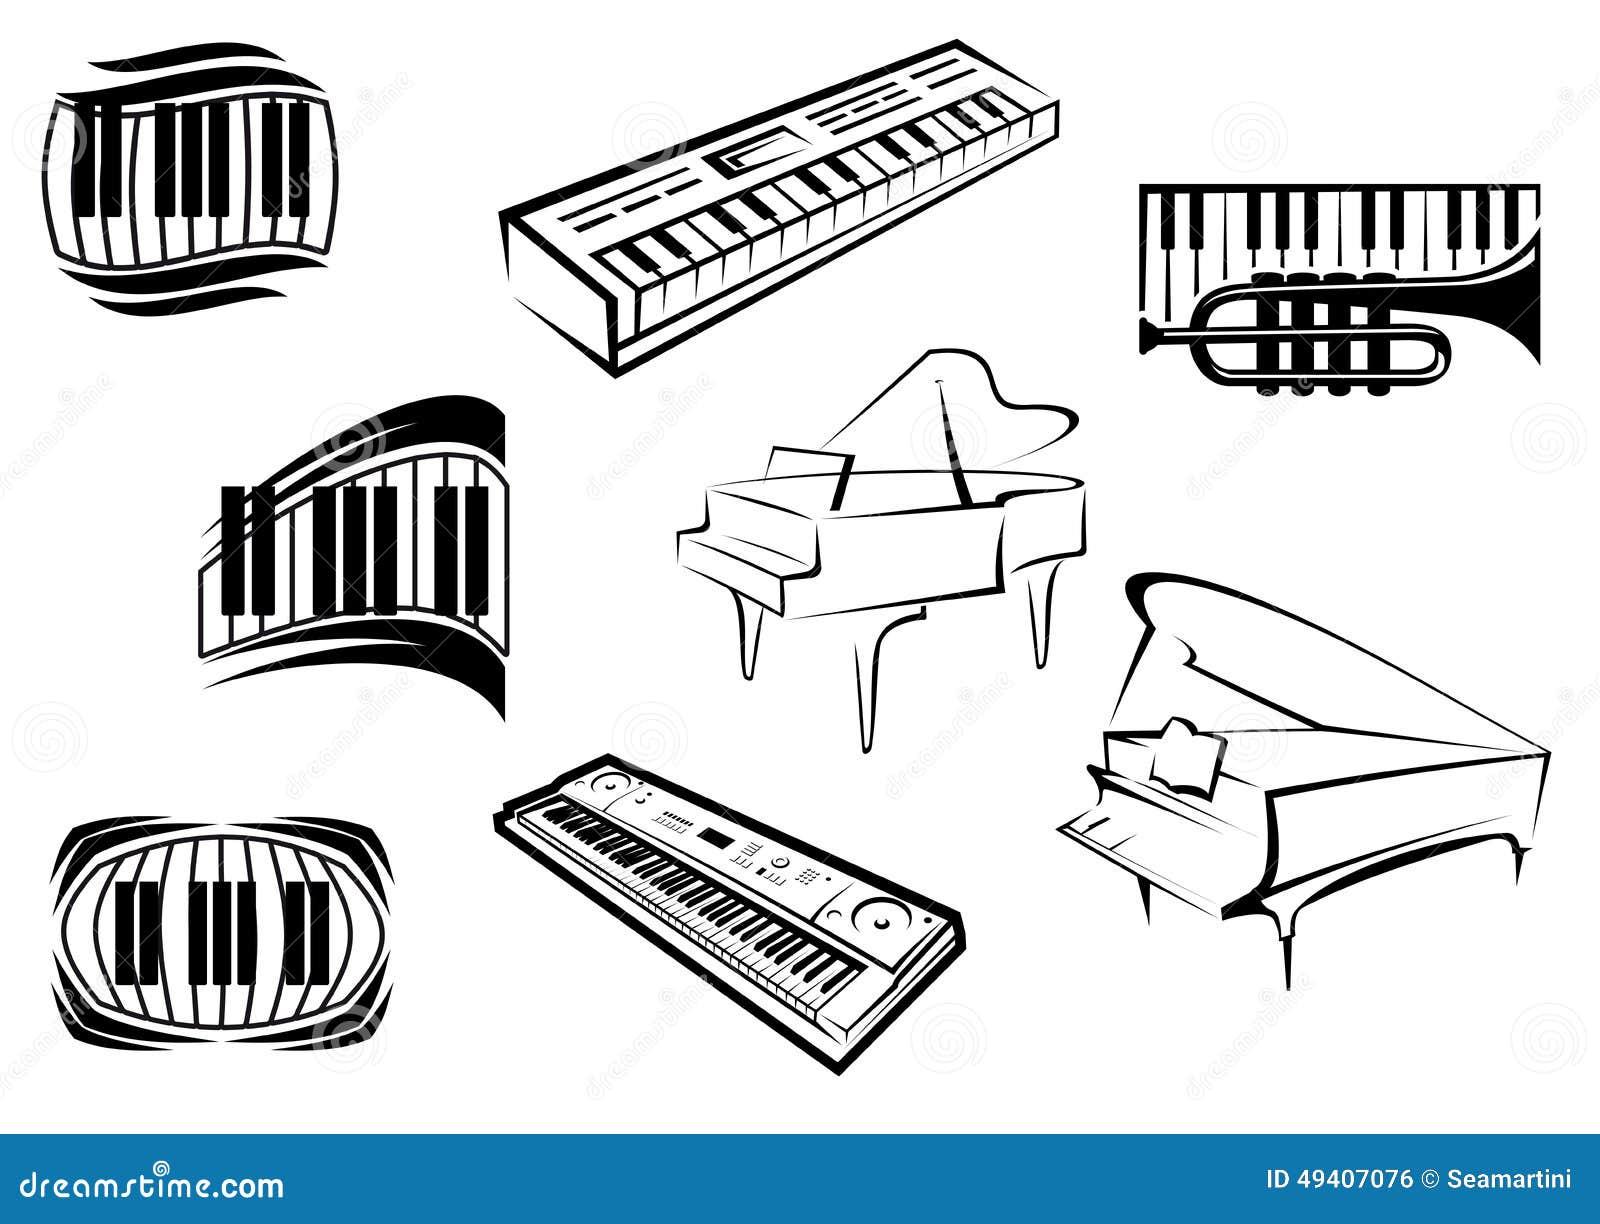 Download Entwurfsskizzenklavier-Musikikonen Vektor Abbildung - Illustration von ausrüstung, nachricht: 49407076